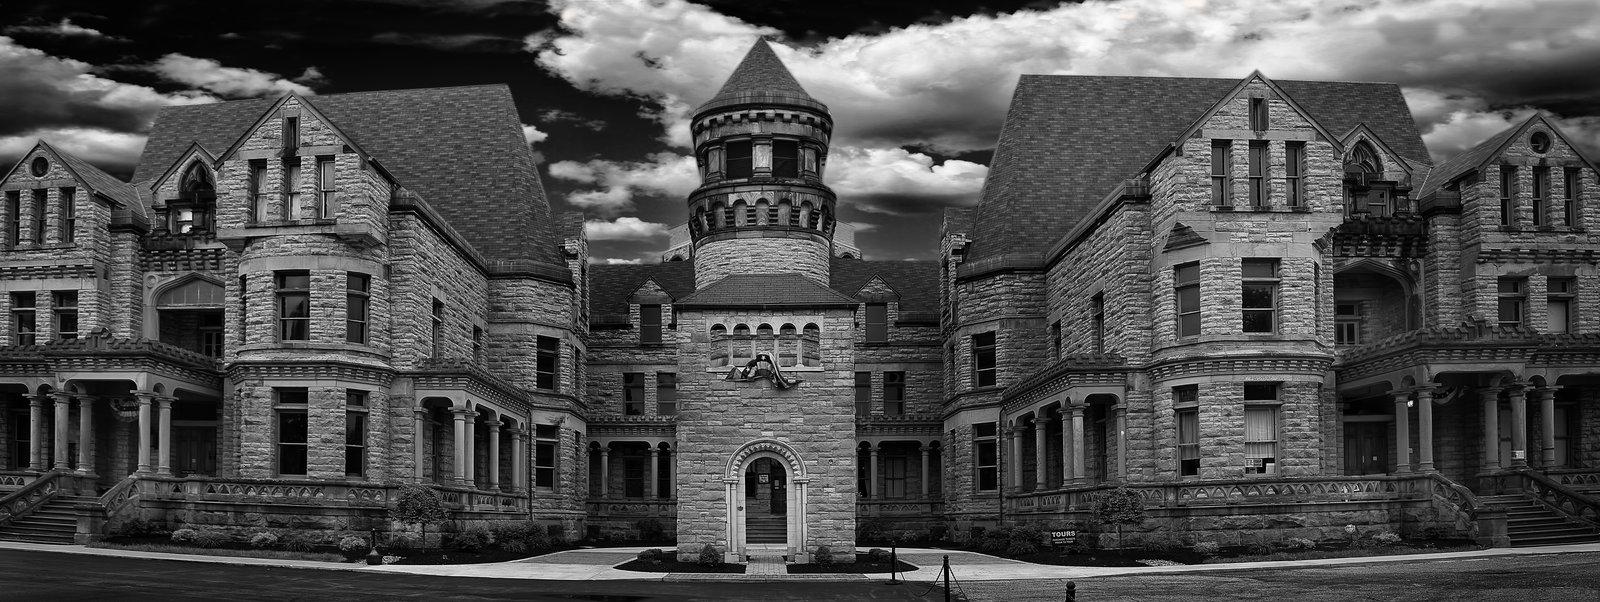 historic Ohio State Reformatory prison